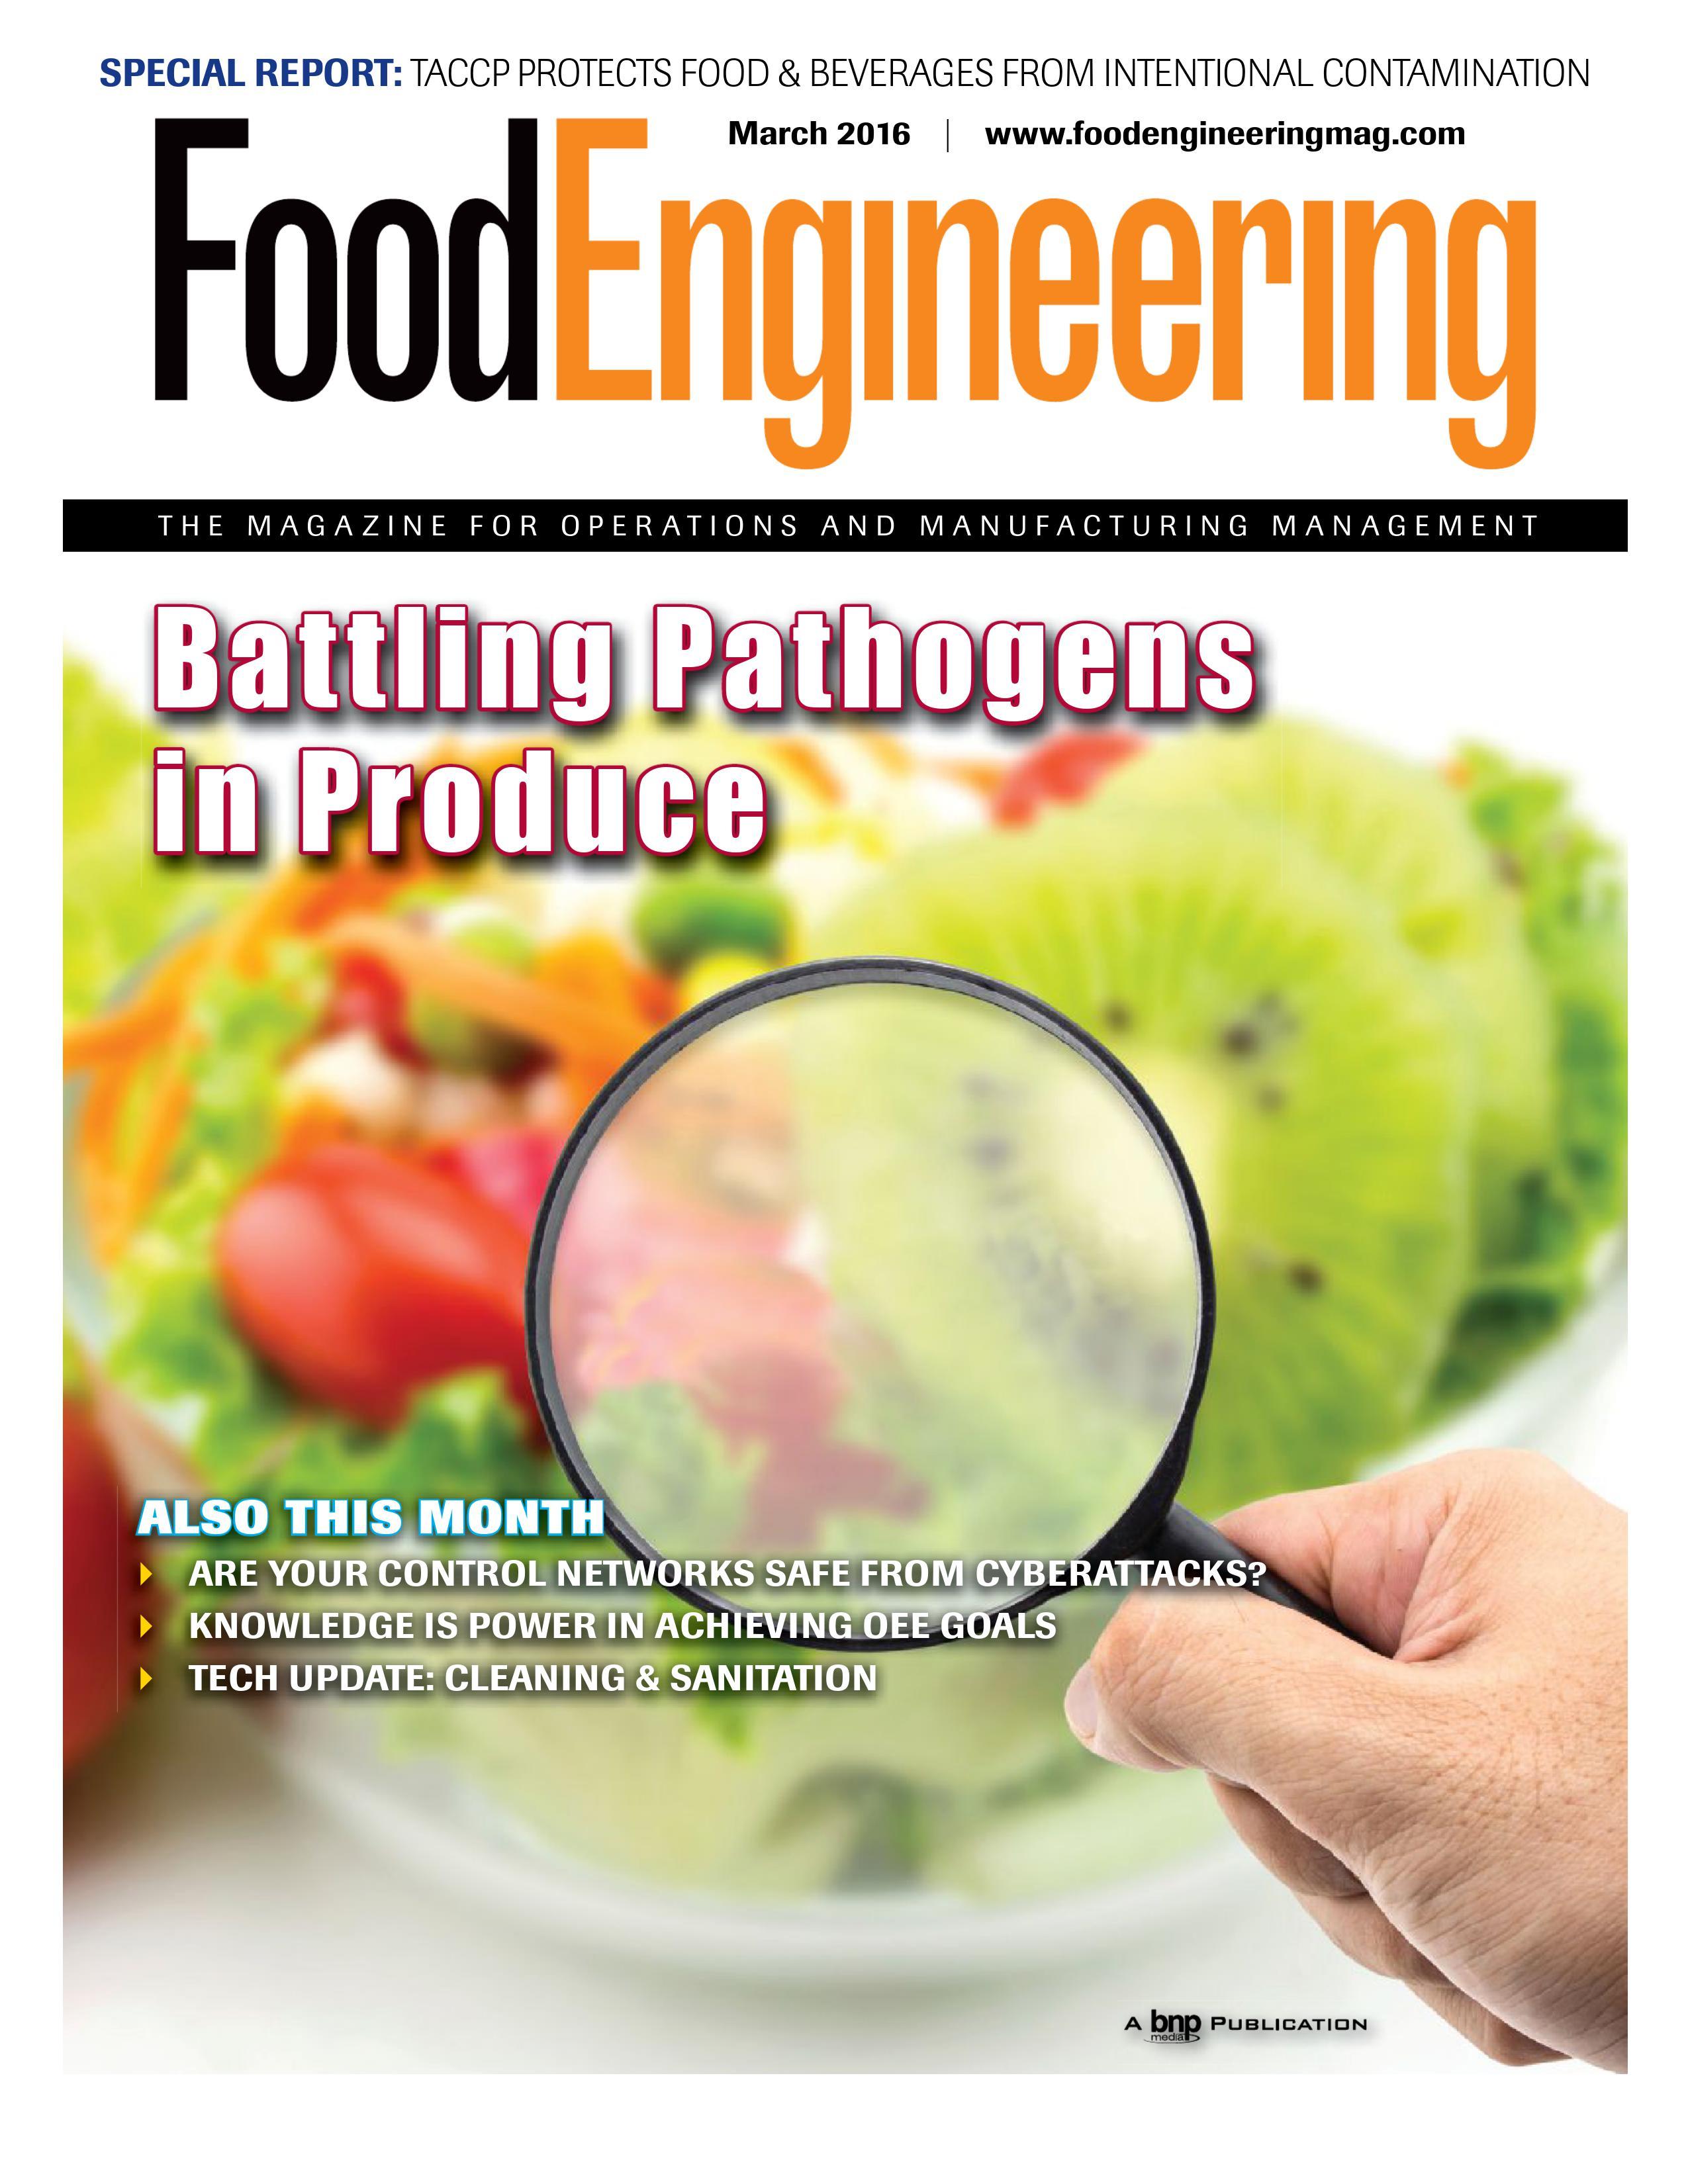 Food Engineering Benchmark study